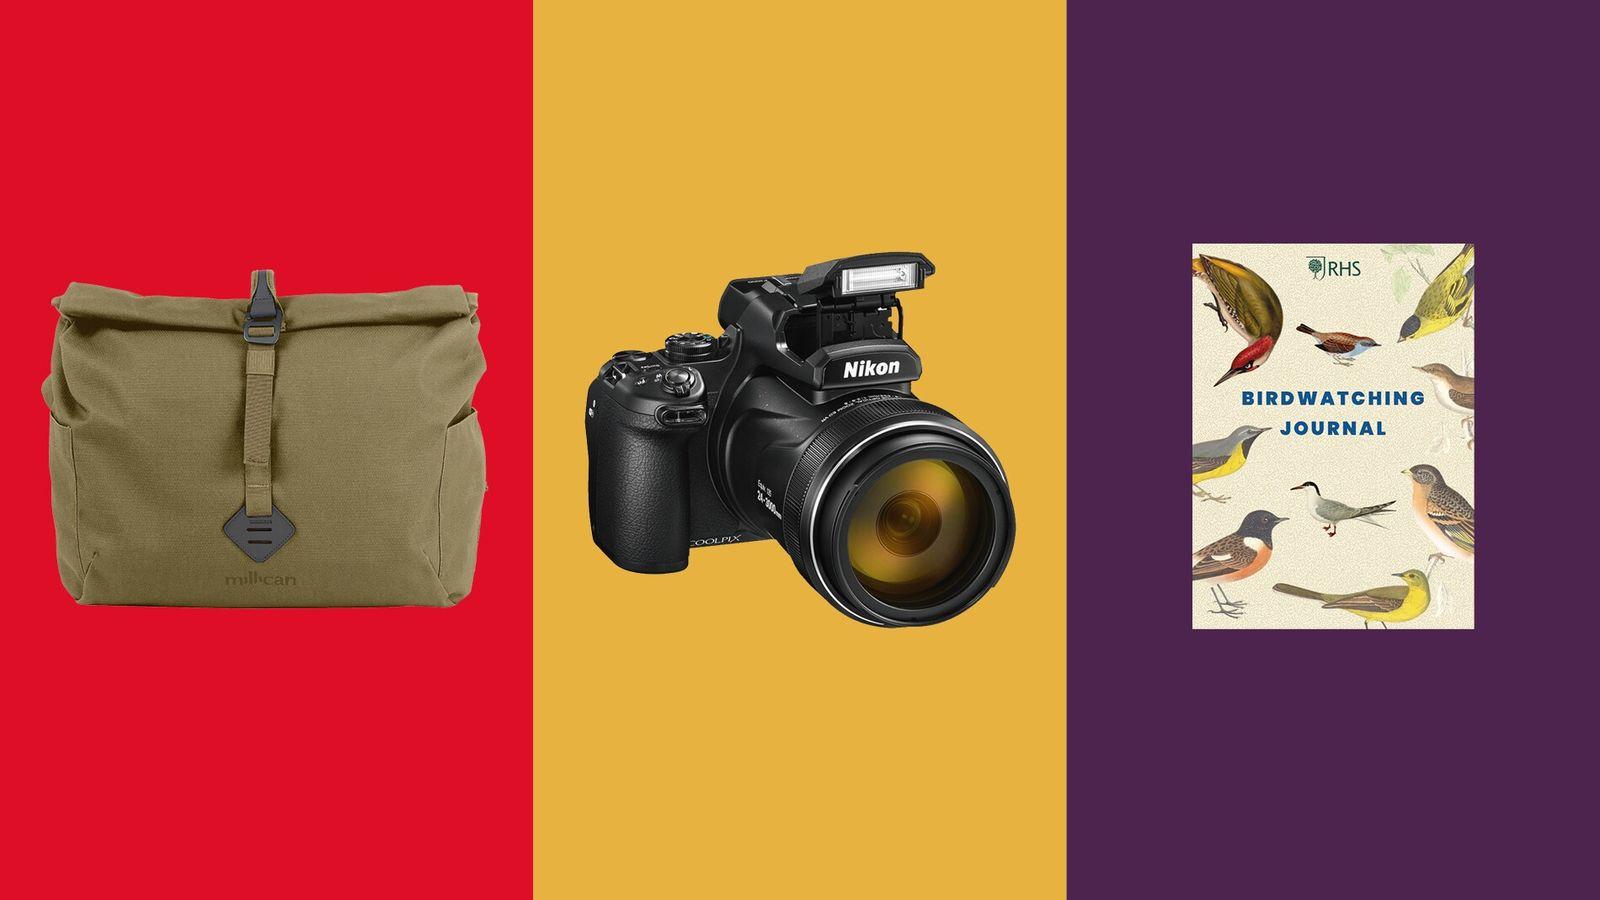 Millican Bowden The Camera Messenger Bag; Nikon Coolpix P1000; RHS Birdwatching Journal.